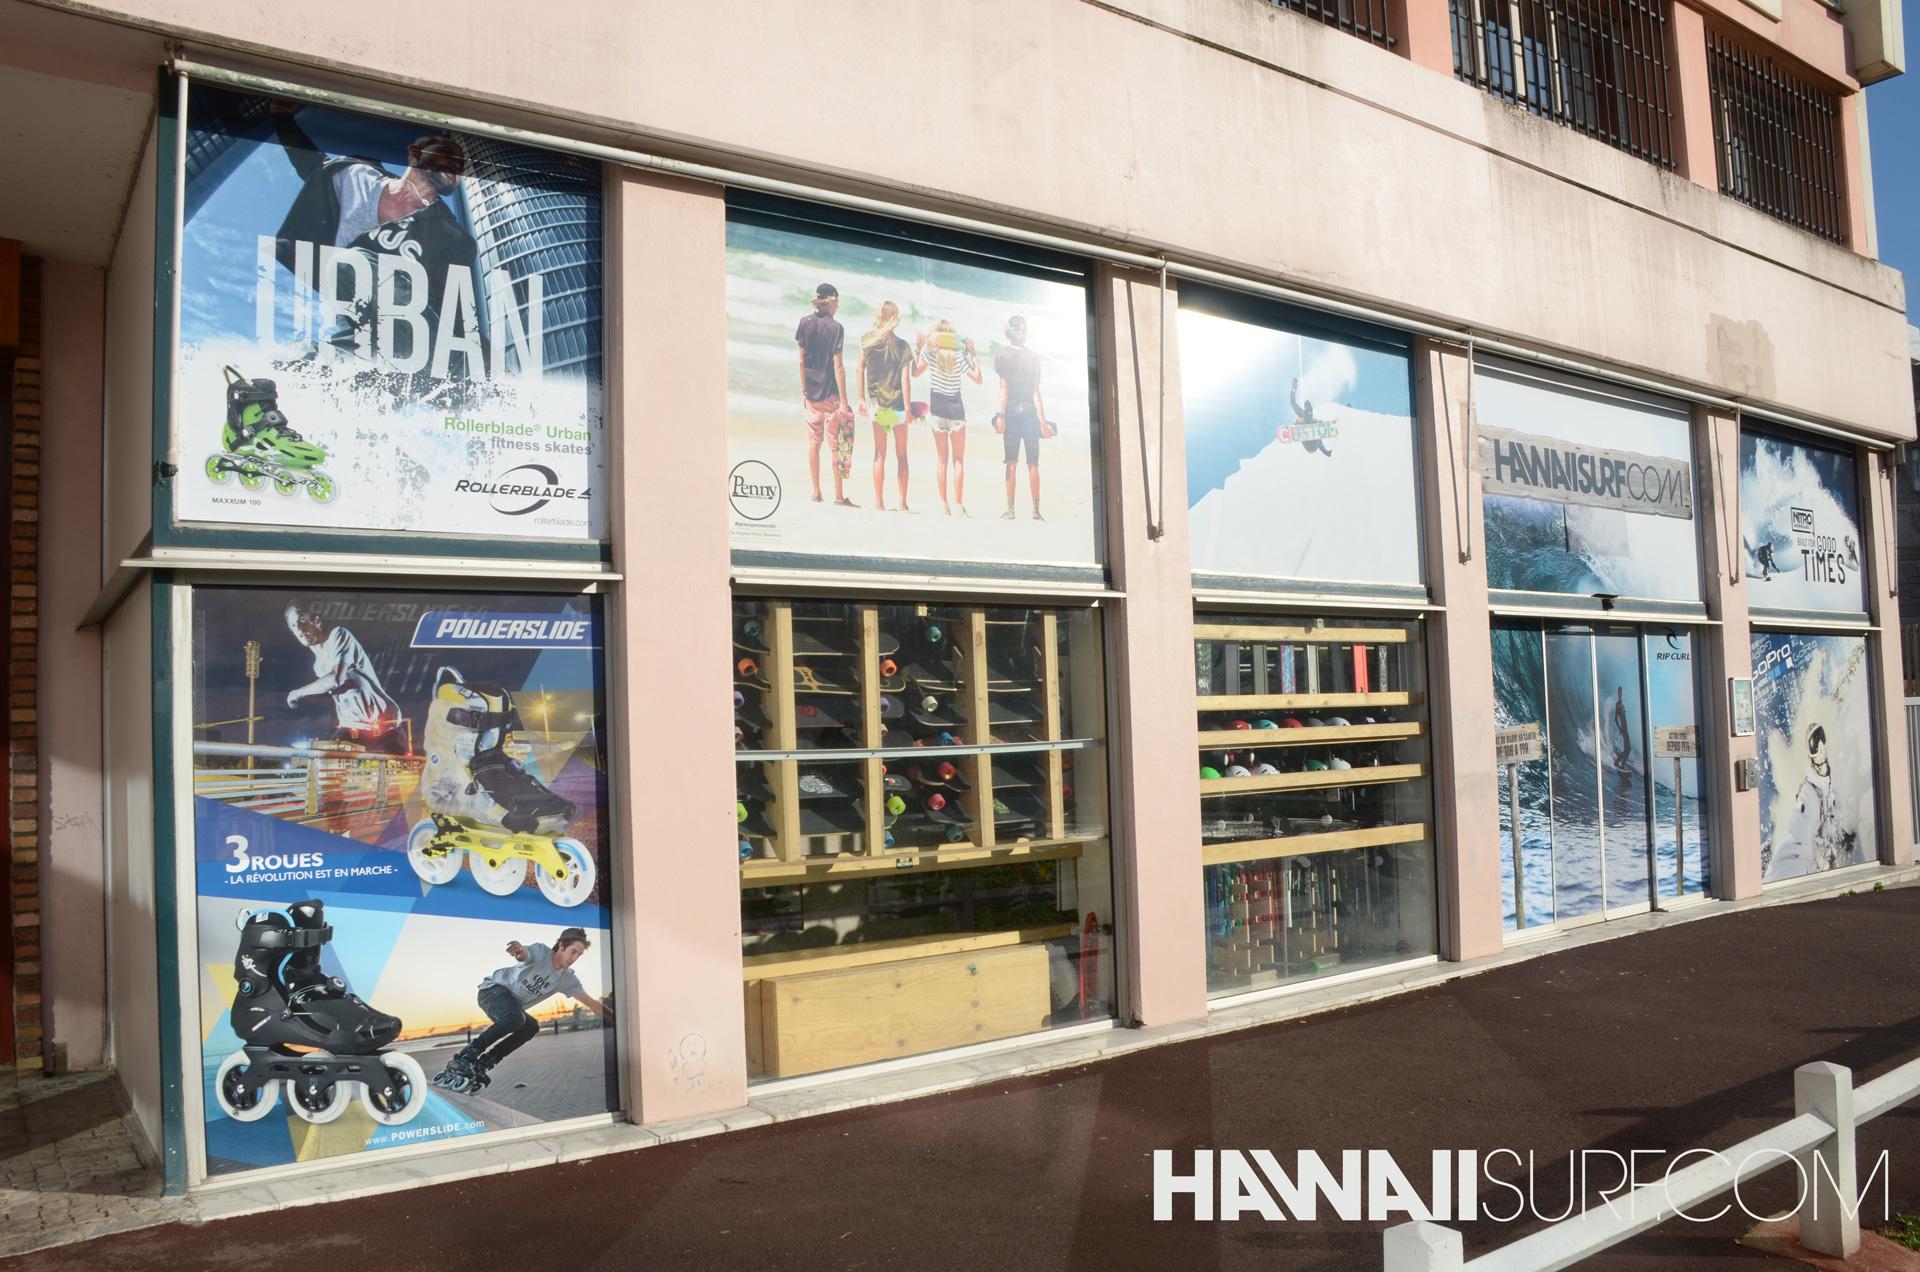 Vitrine Hawaiisurf shop Ivry Paris